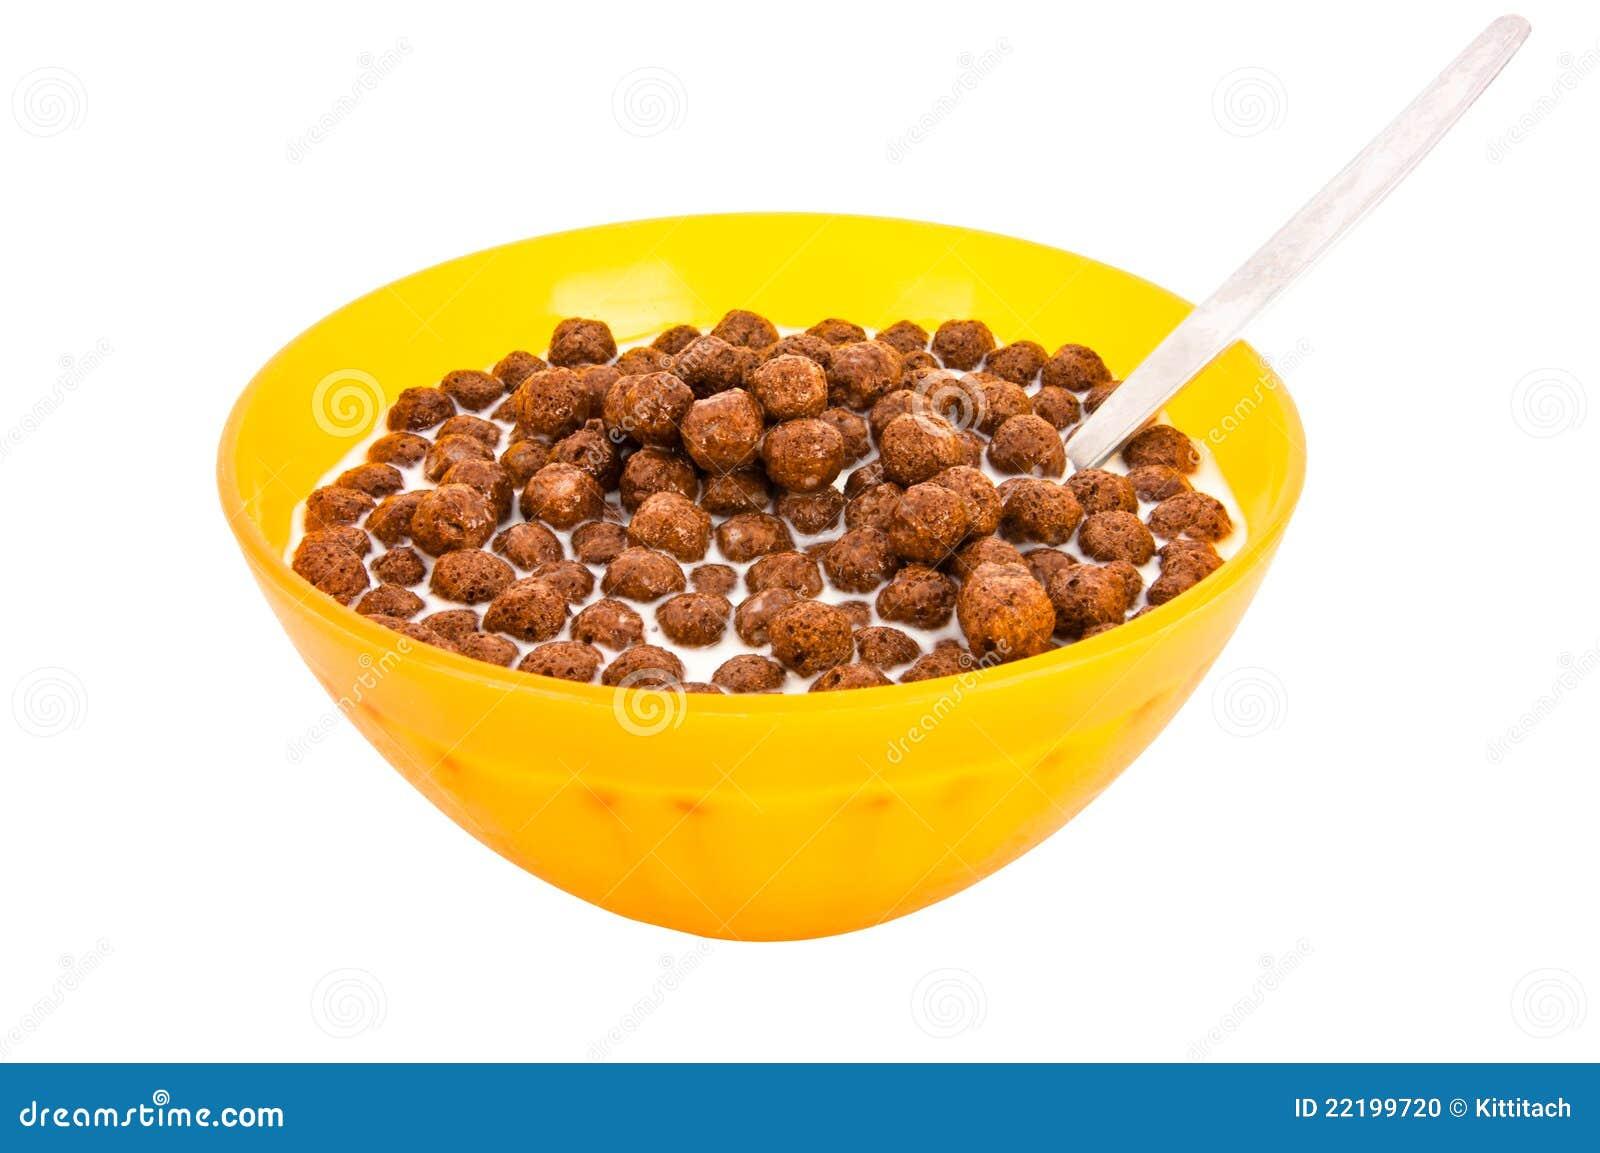 eat breakfast clipart